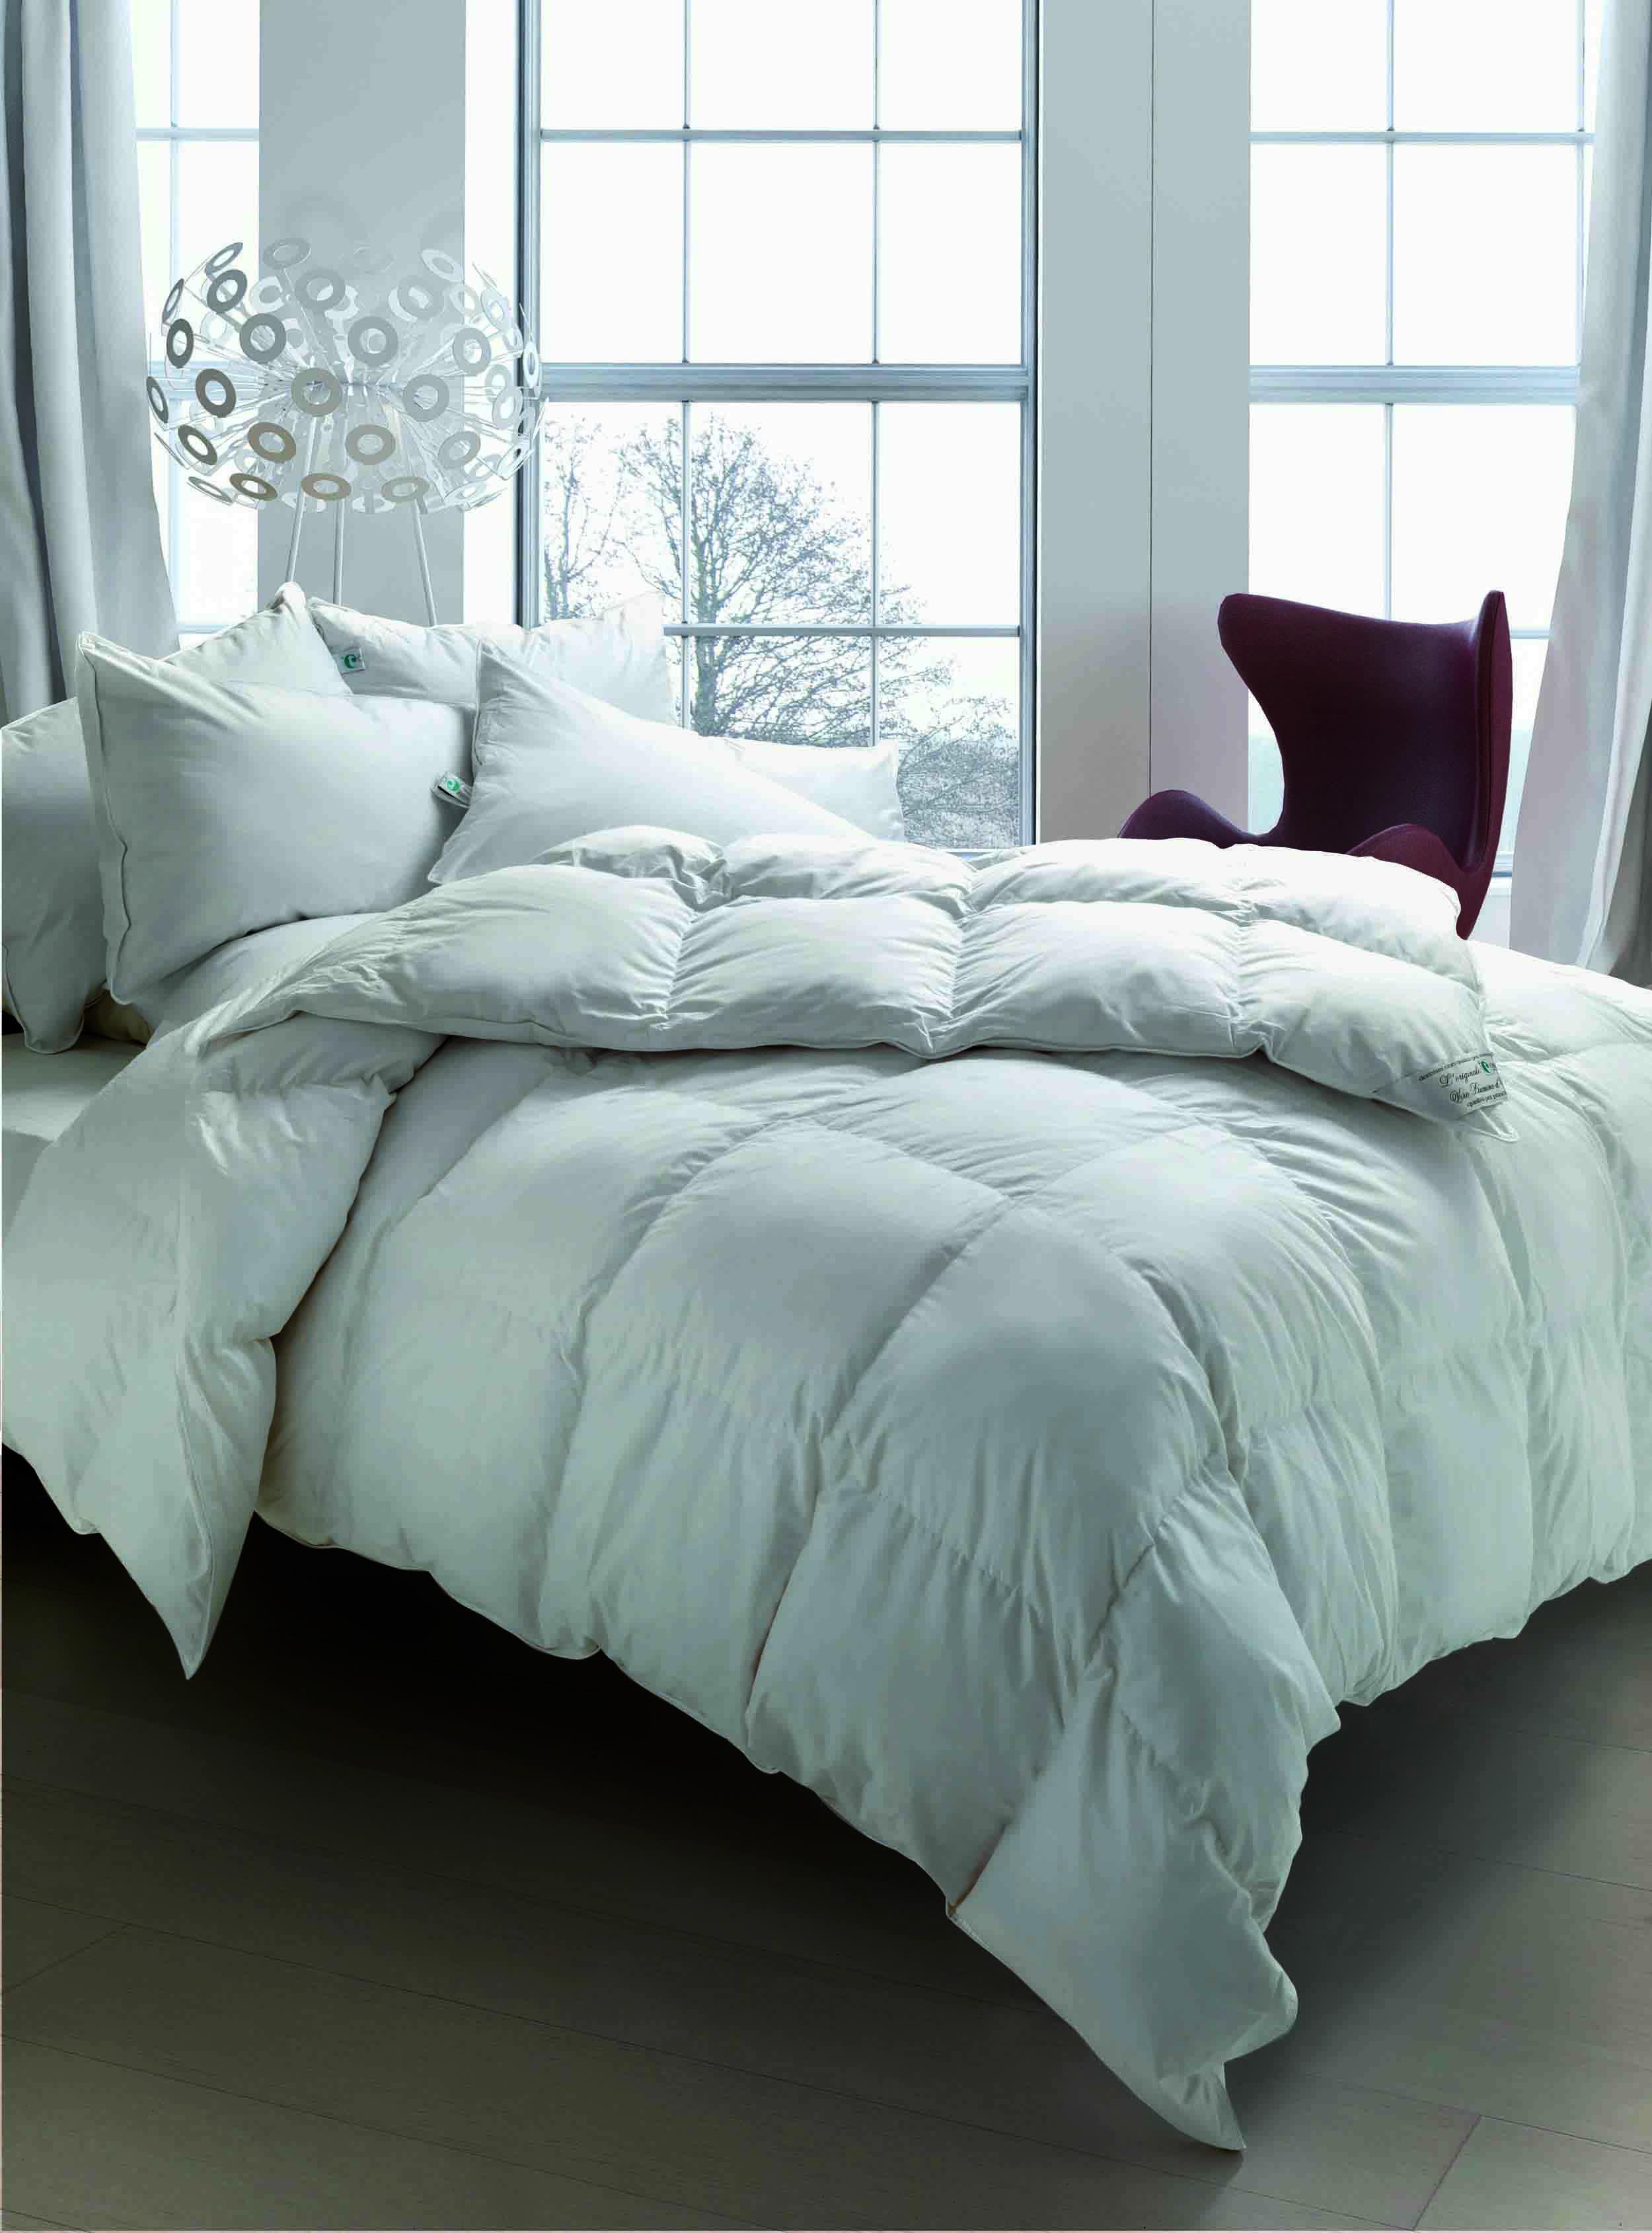 Cinque buoni motivi per dormire avvolti da un piumino - Cinelli piumini letto prezzi ...